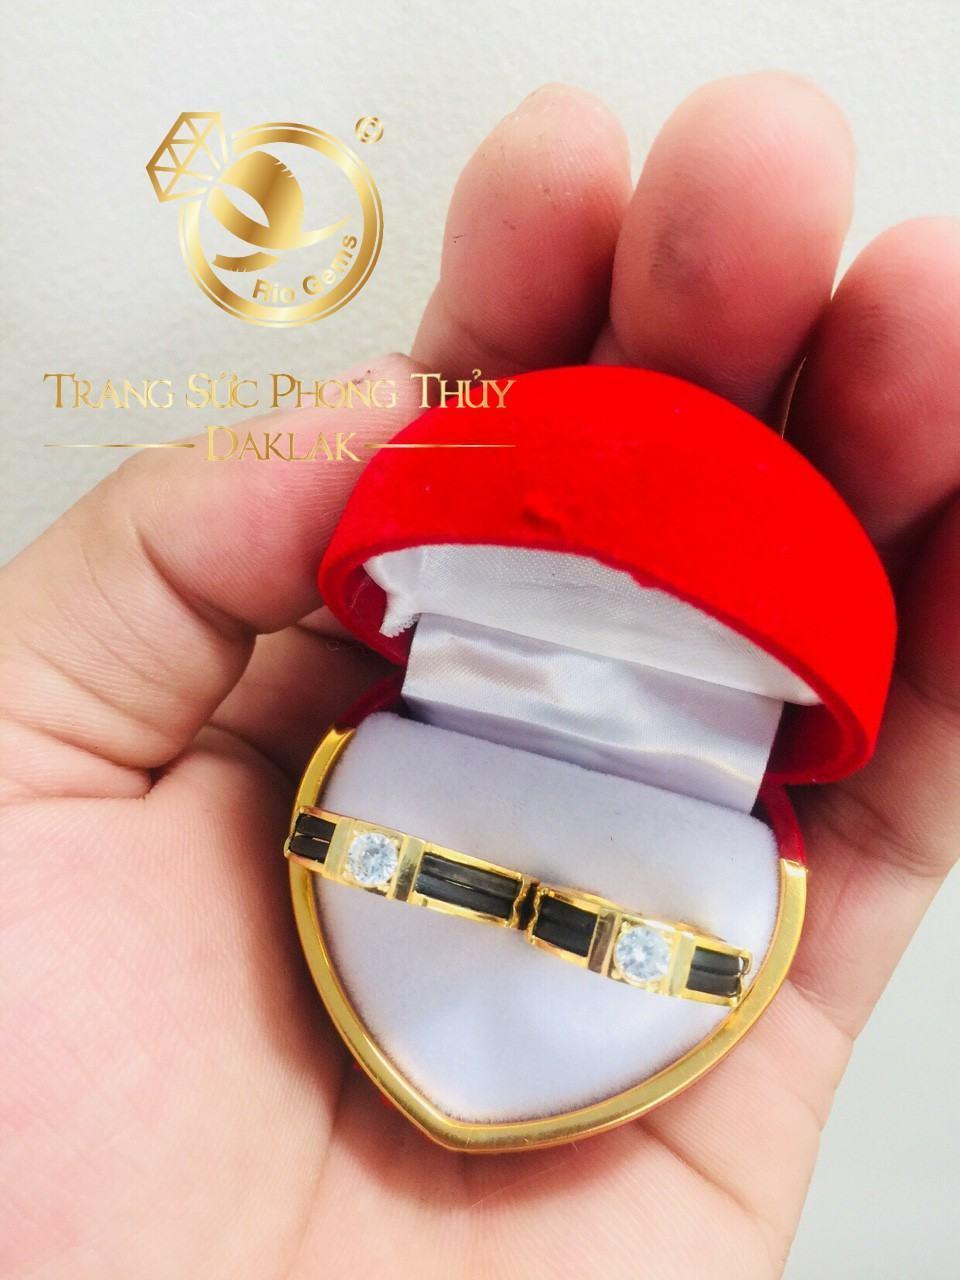 Mặt nhẫn được thiết kế nổi bật với viên đá Zircon kết hợp luồng lông voi ở thân nhẫn toát lên vẻ đẹp truyền thống pha lẫn chút hiện đại độc đáo